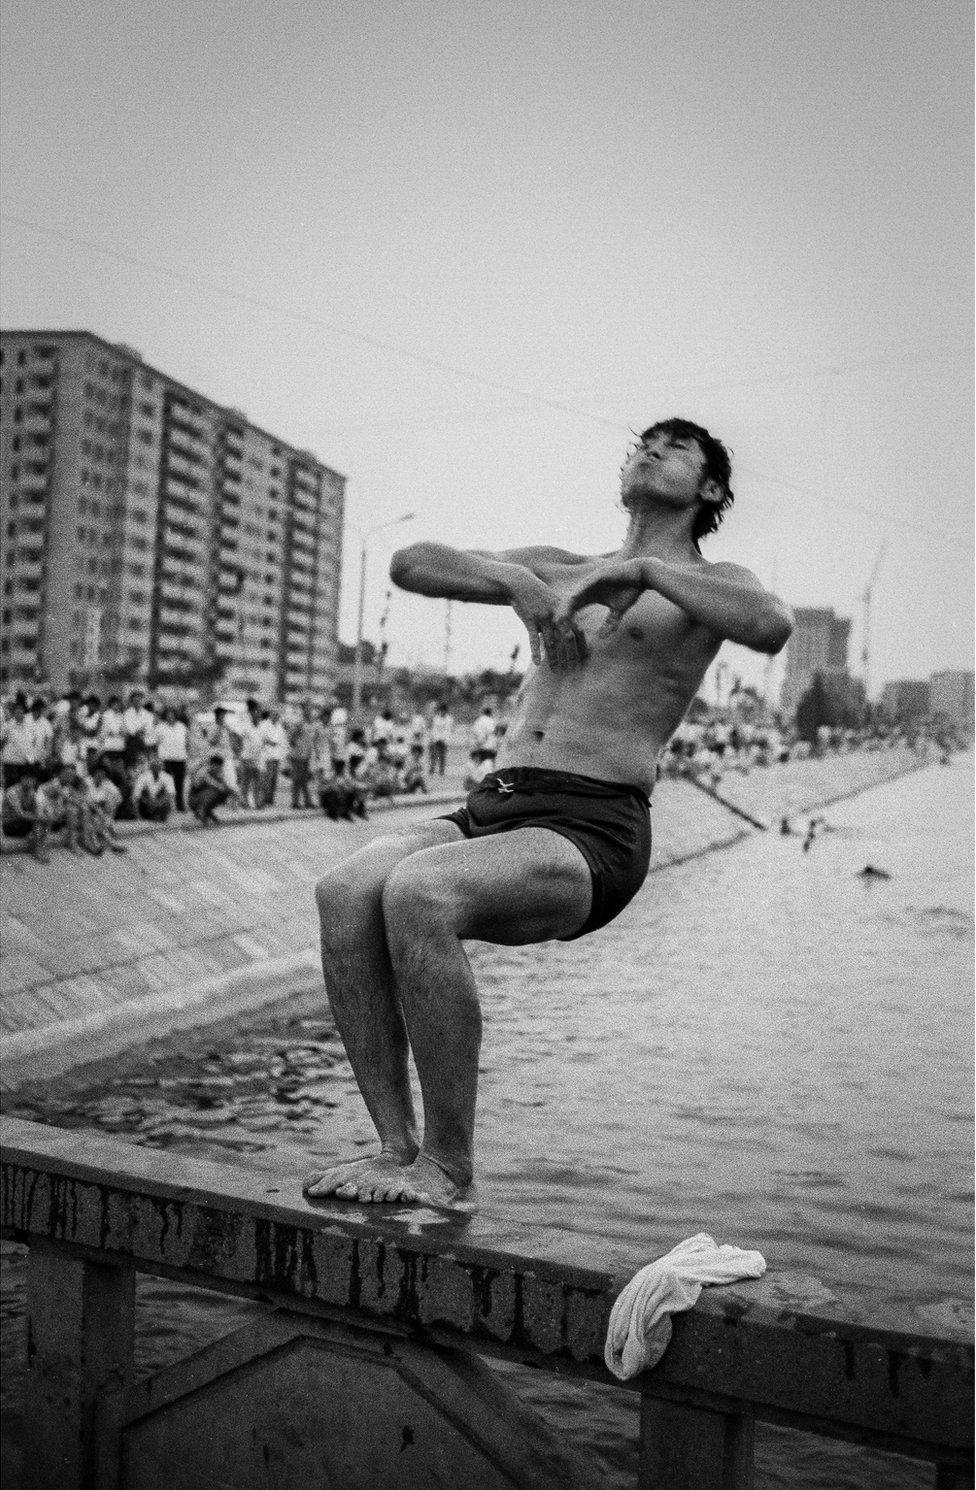 Trung Quoc thap nien 1980 khi vua moi mo cua kinh te hinh anh 4